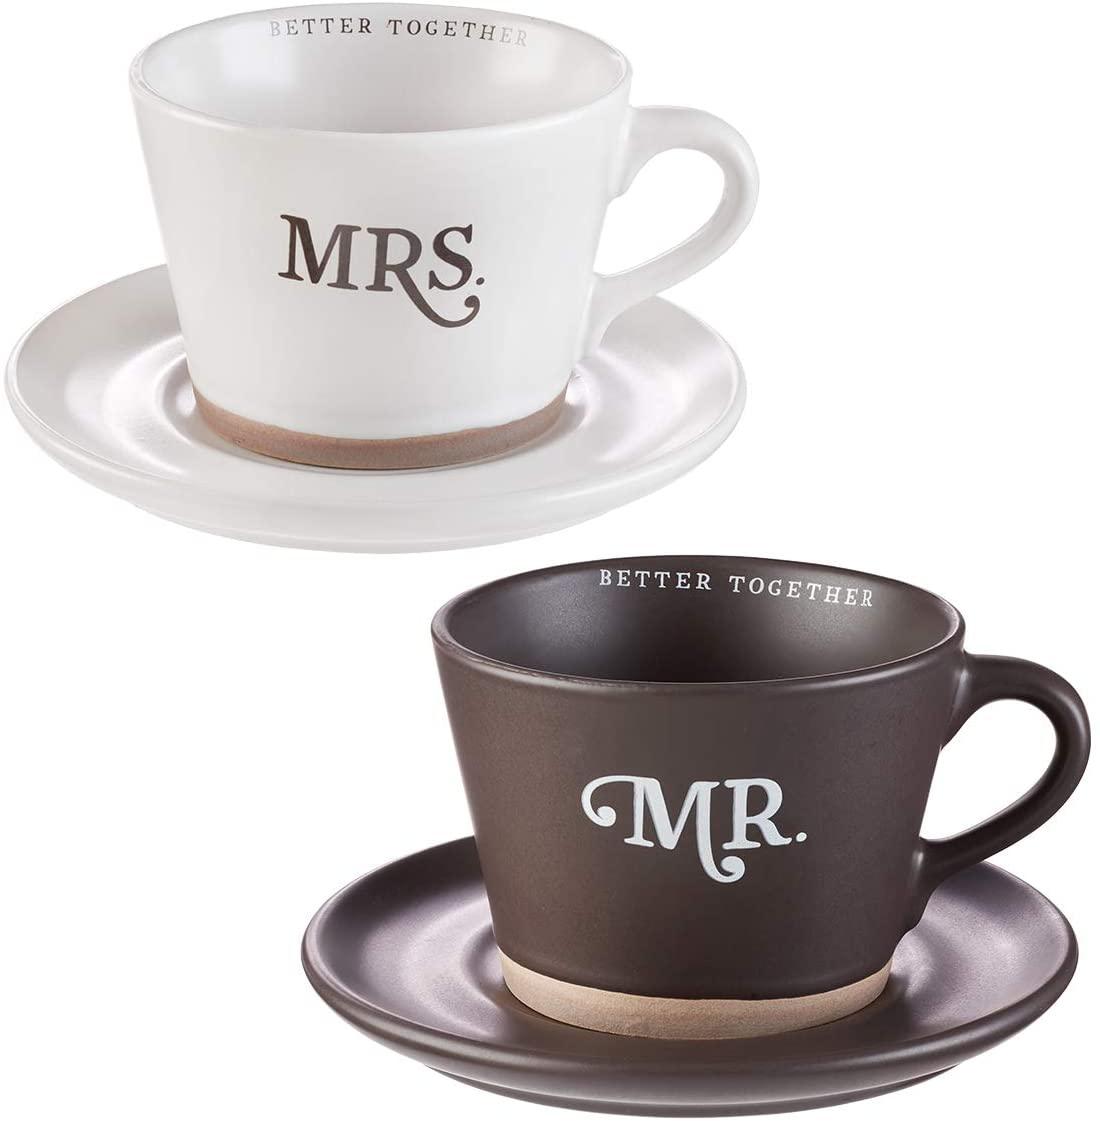 Better Together - Mr. & Mrs. Coffee Mug & Saucer Set, Better Together Collection